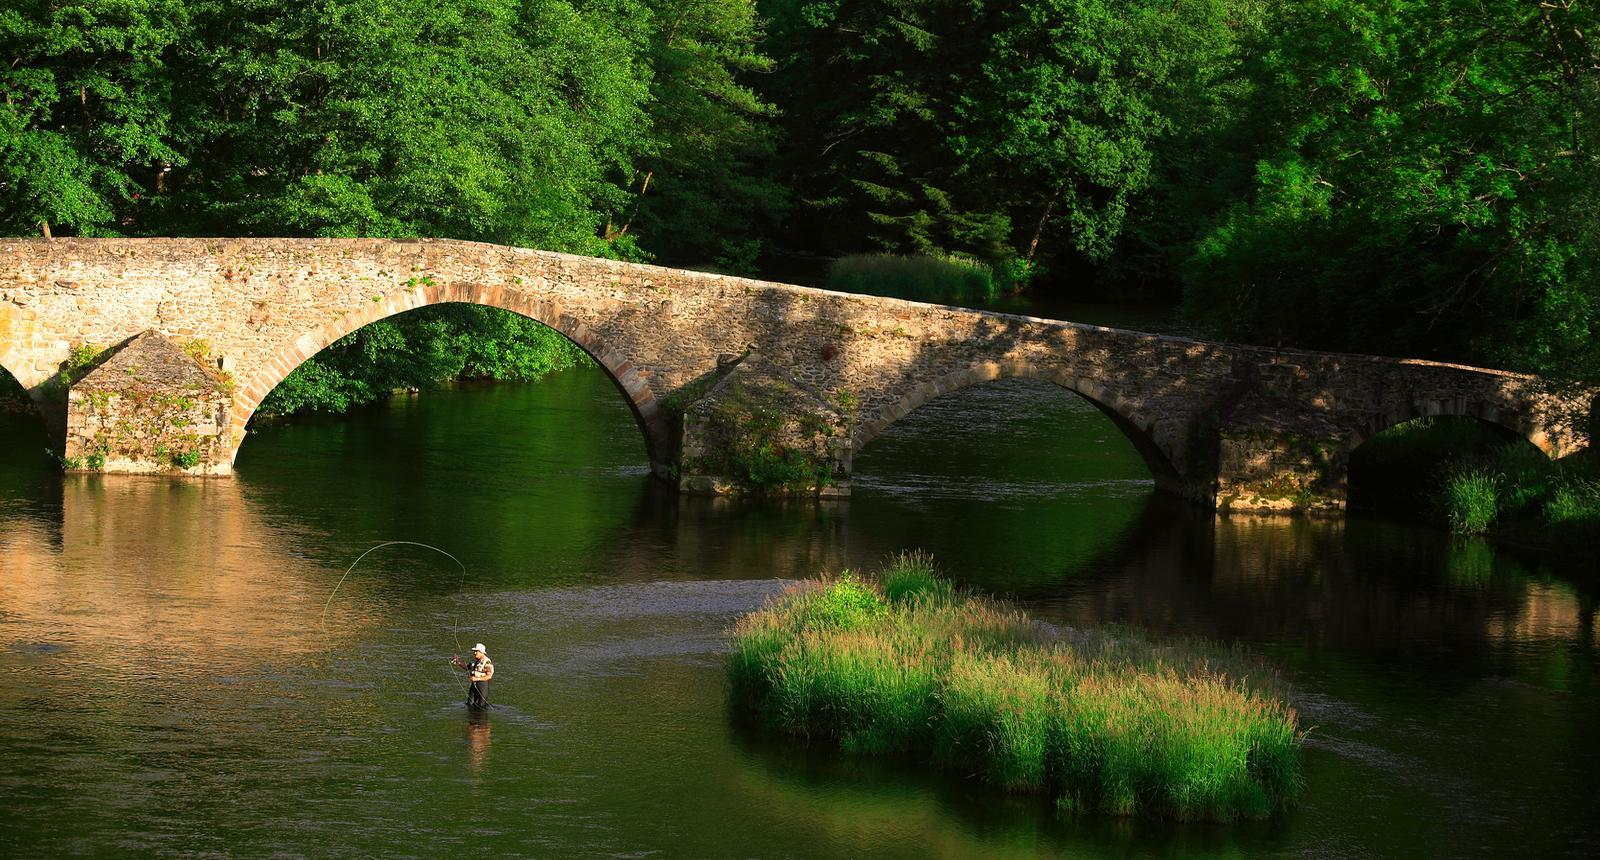 Pêche à la mouche au pont de Menat